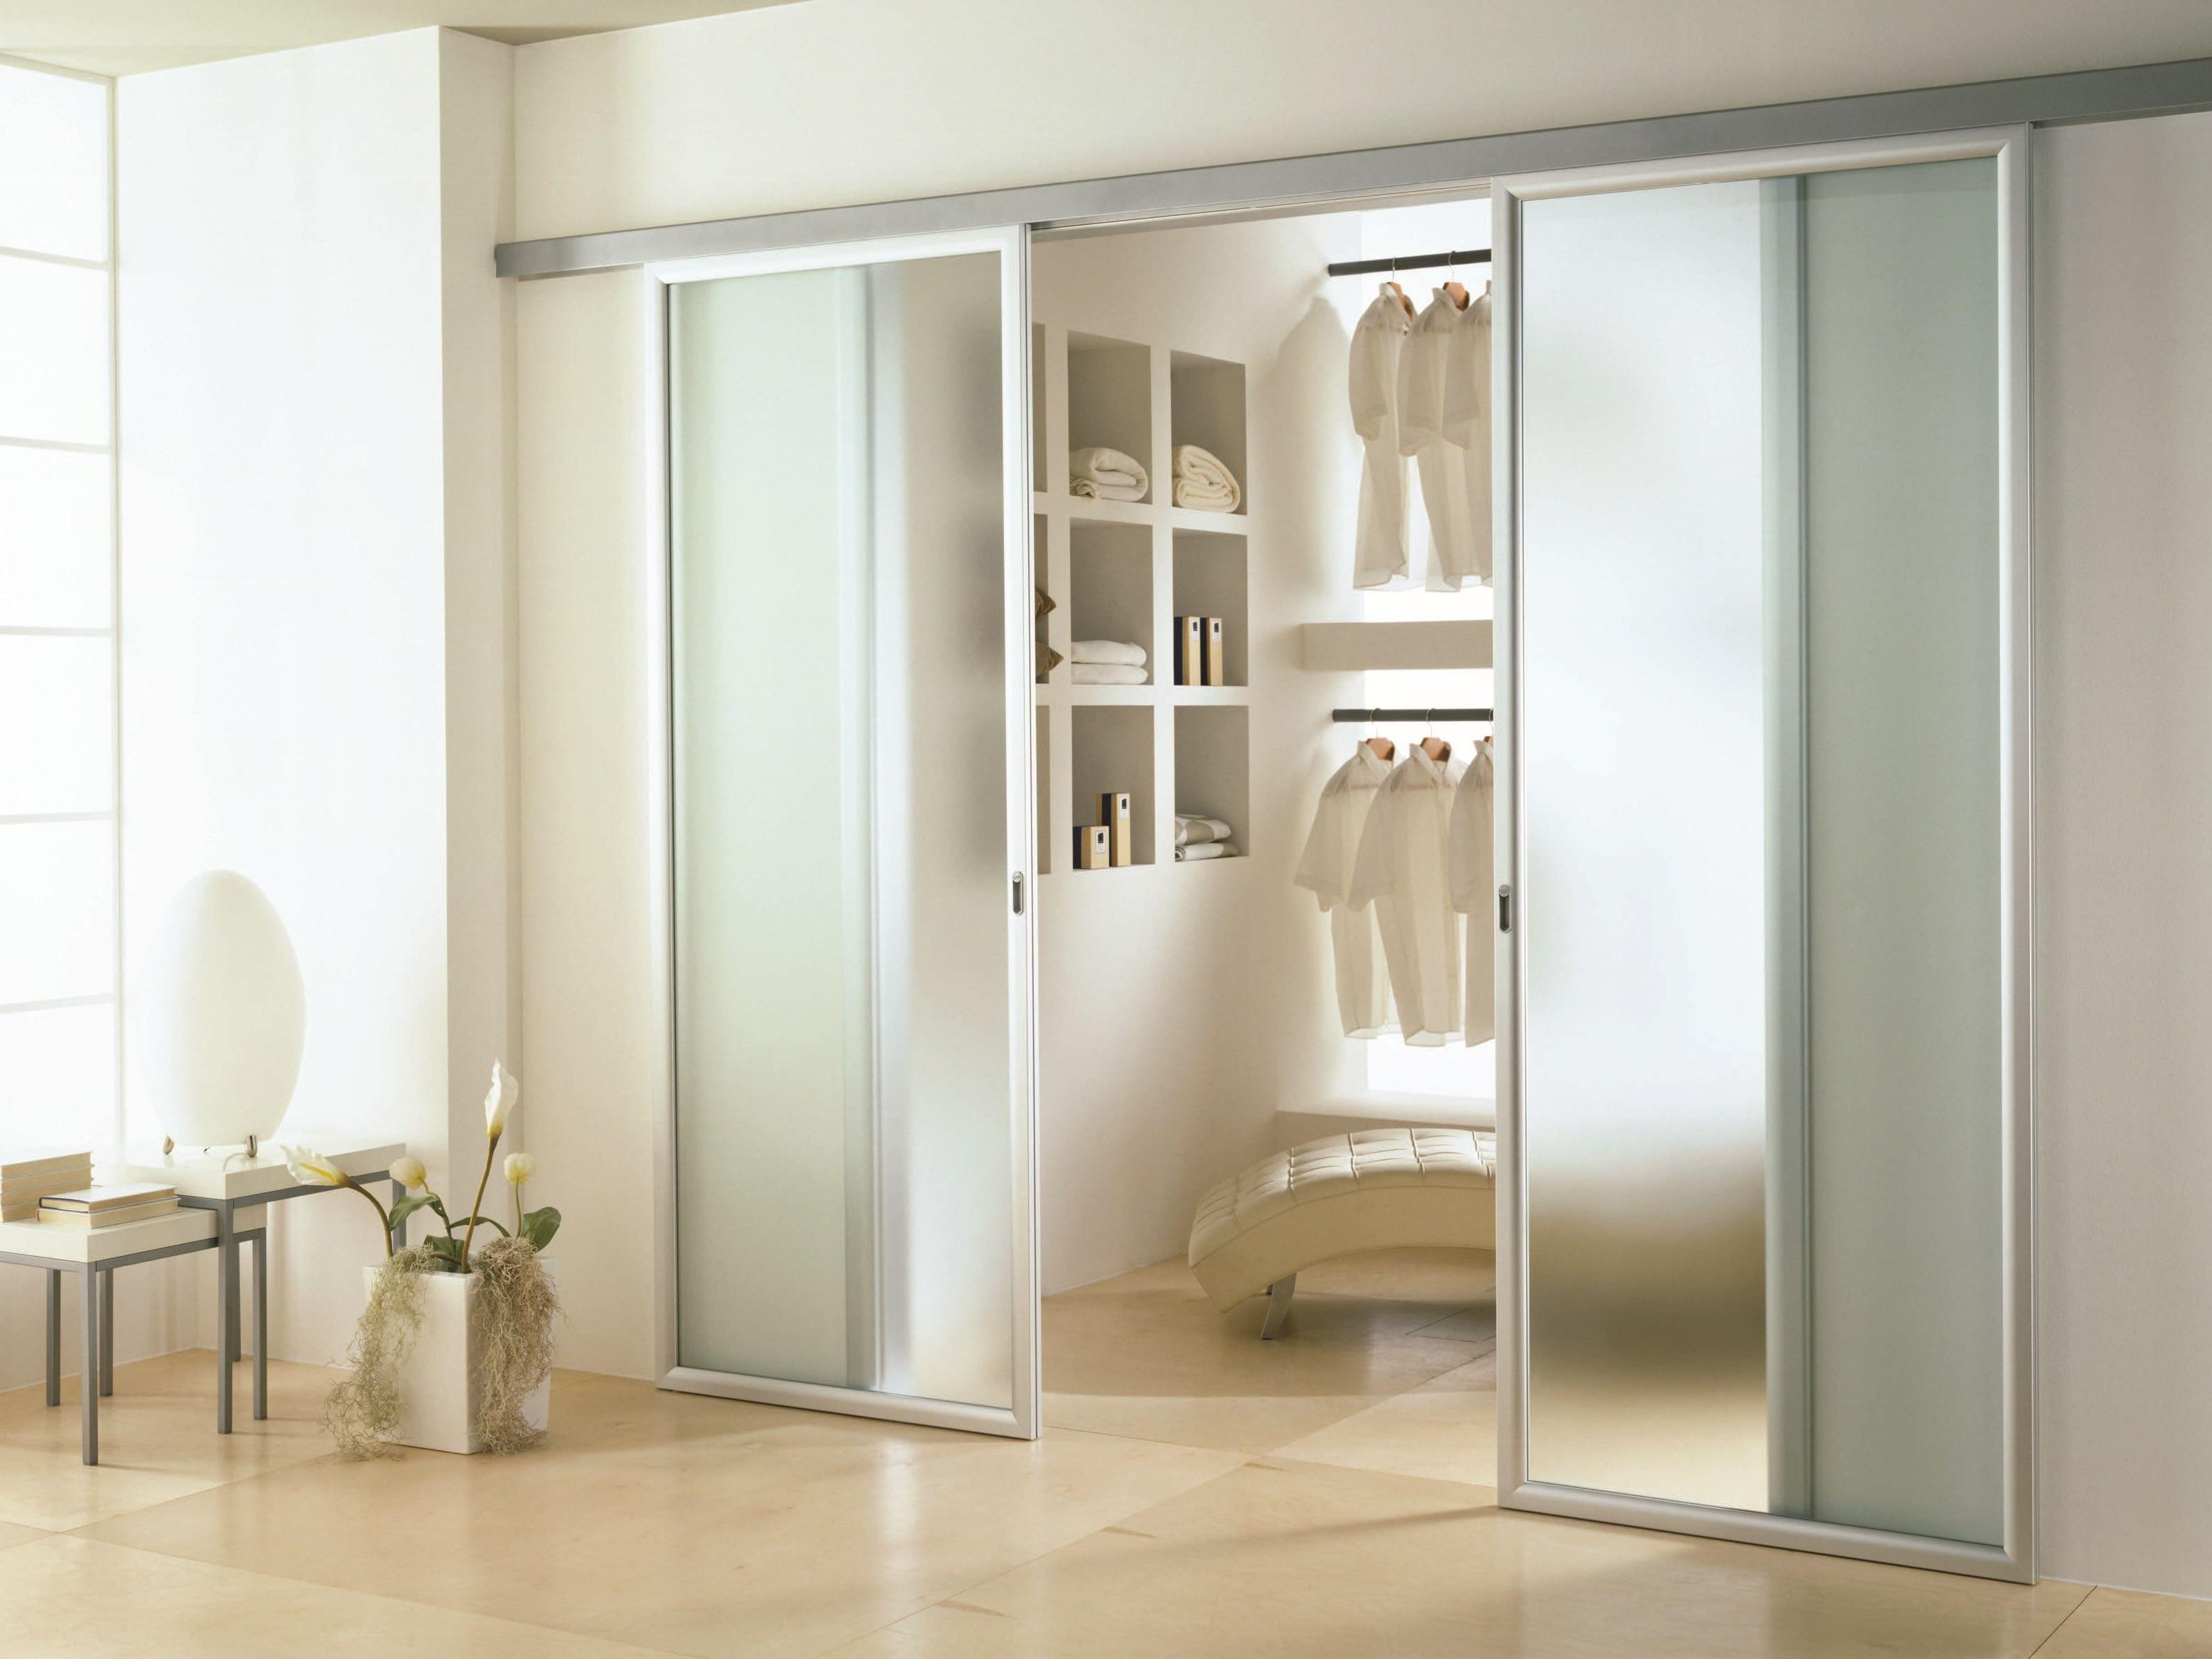 Resultado de imagen para puerta corrediza vidrio y madera for Puertas corredizas